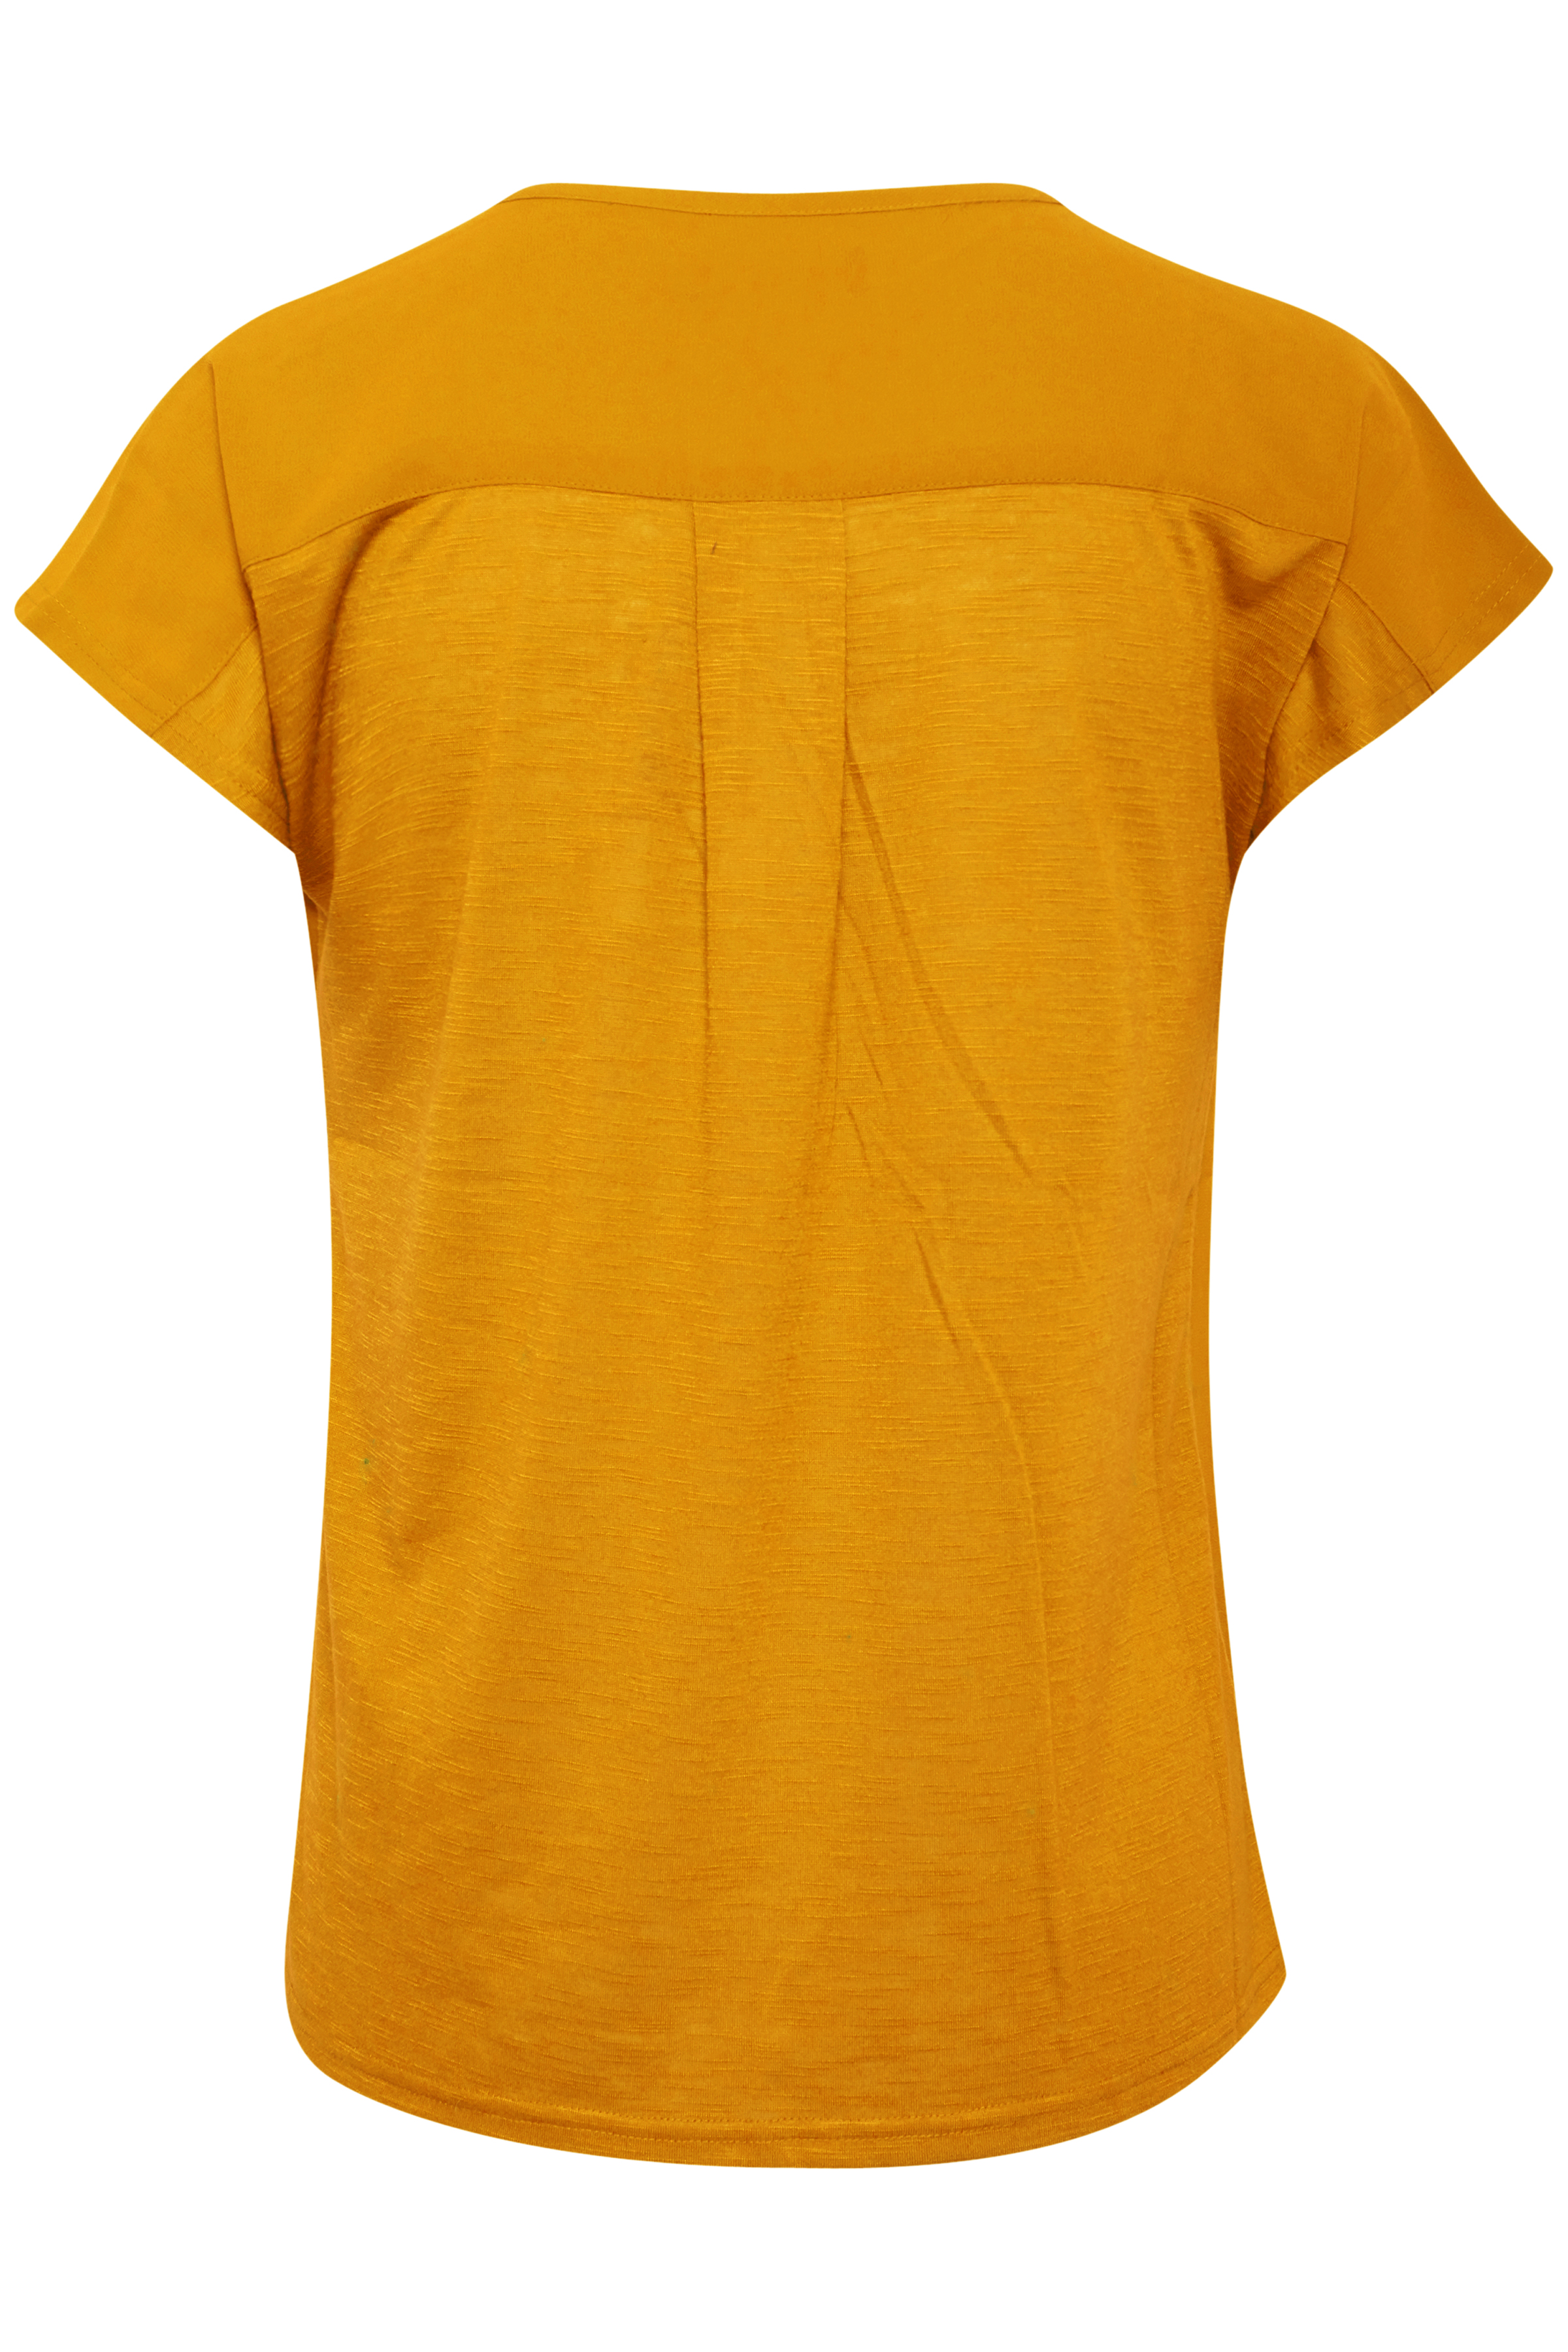 Orange Popsicle Kortærmet bluse – Køb Orange Popsicle Kortærmet bluse fra str. S-XXL her